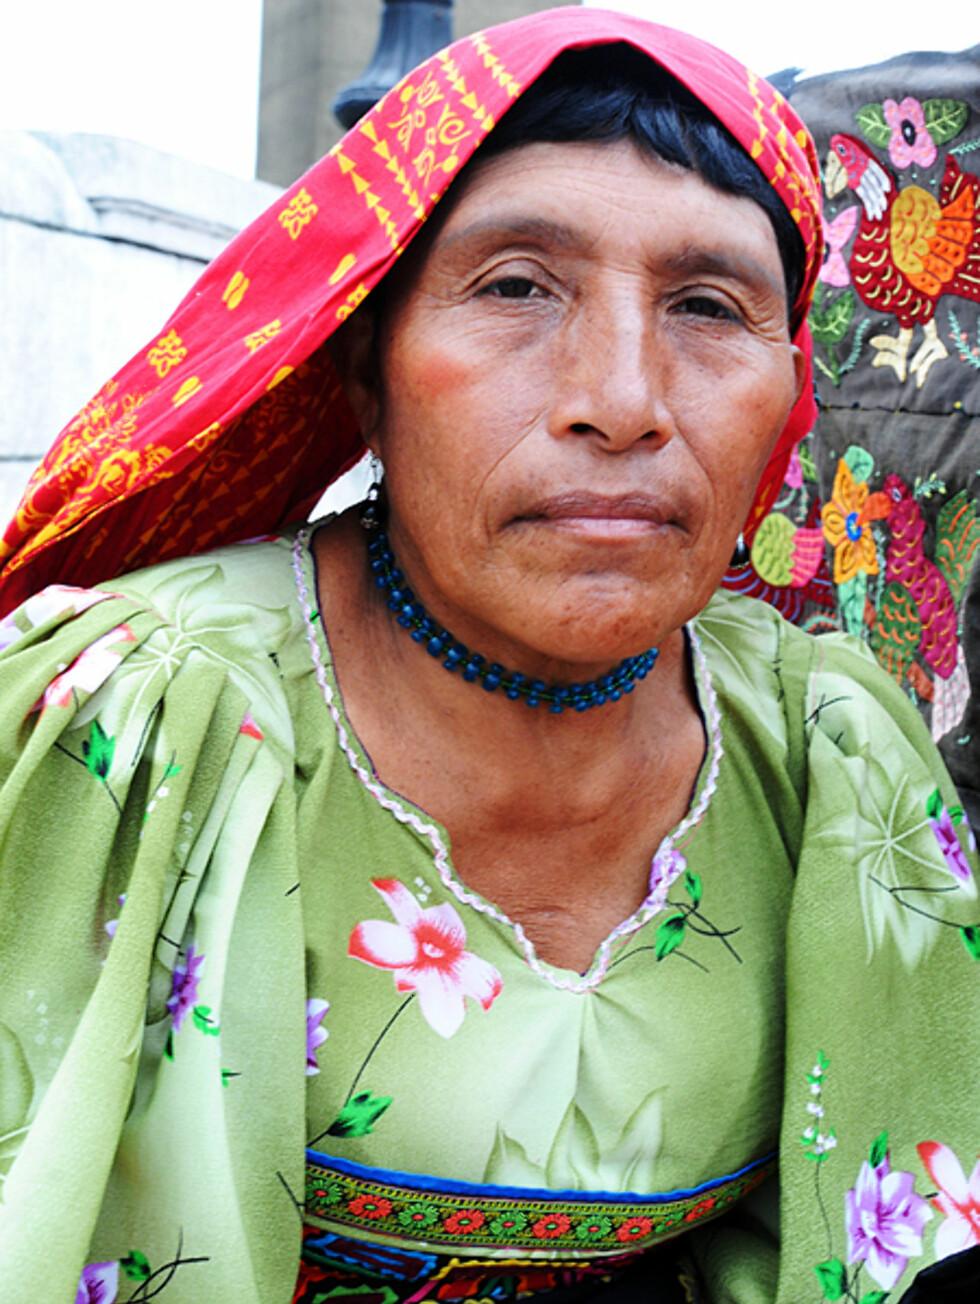 En kuna-kvinne, innfødt indianer i Panama, sitter på gaten i Casco Viejo og selger hjemmelagde smykker og duker.  Foto: Hans Kristian Krogh-Hanssen